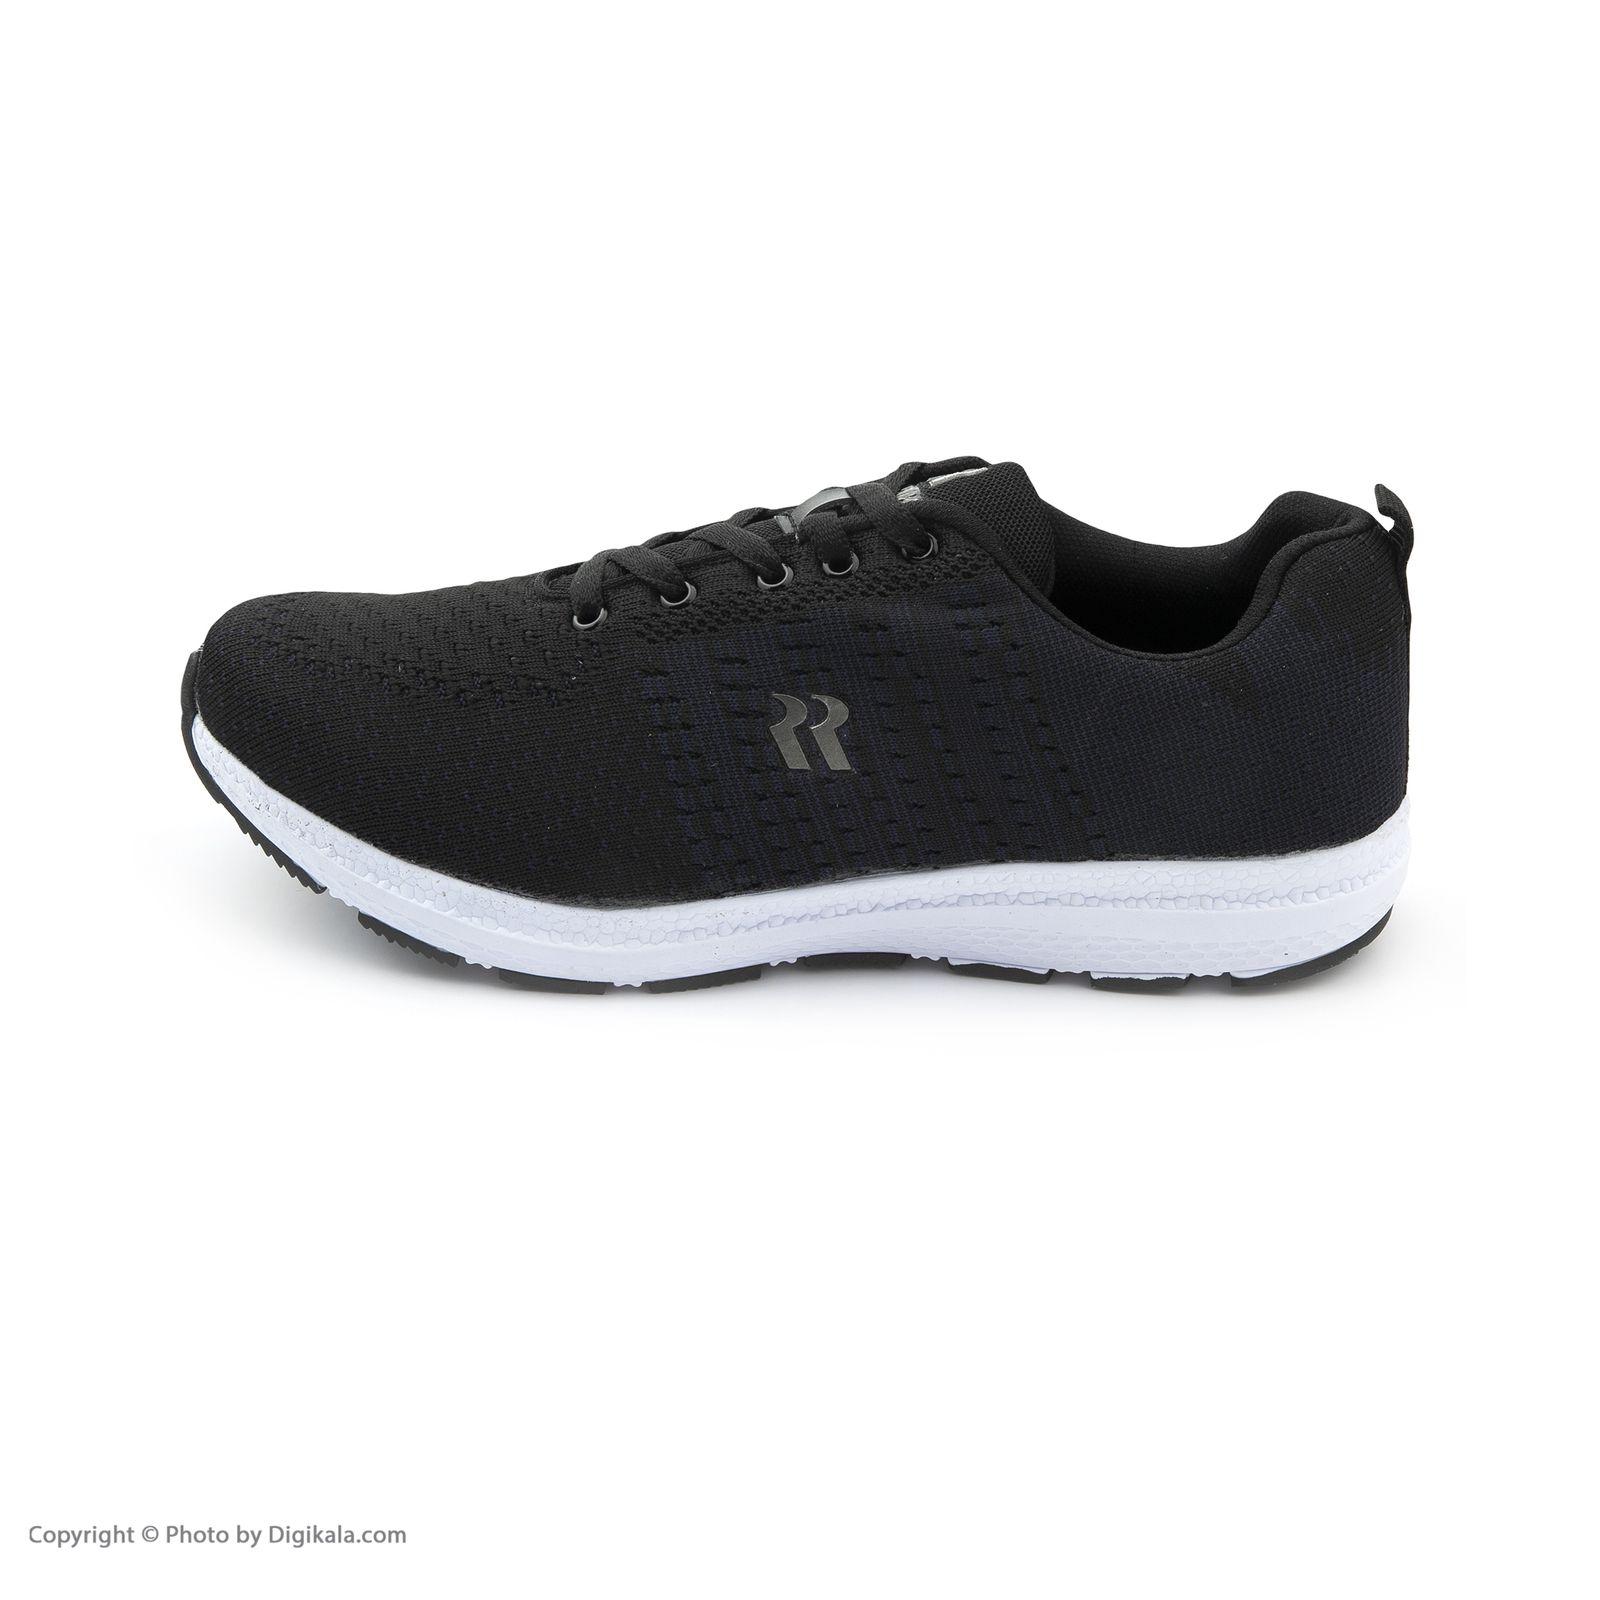 کفش پیاده روی مردانه رومیکا مدل 7r10a-black -  - 3